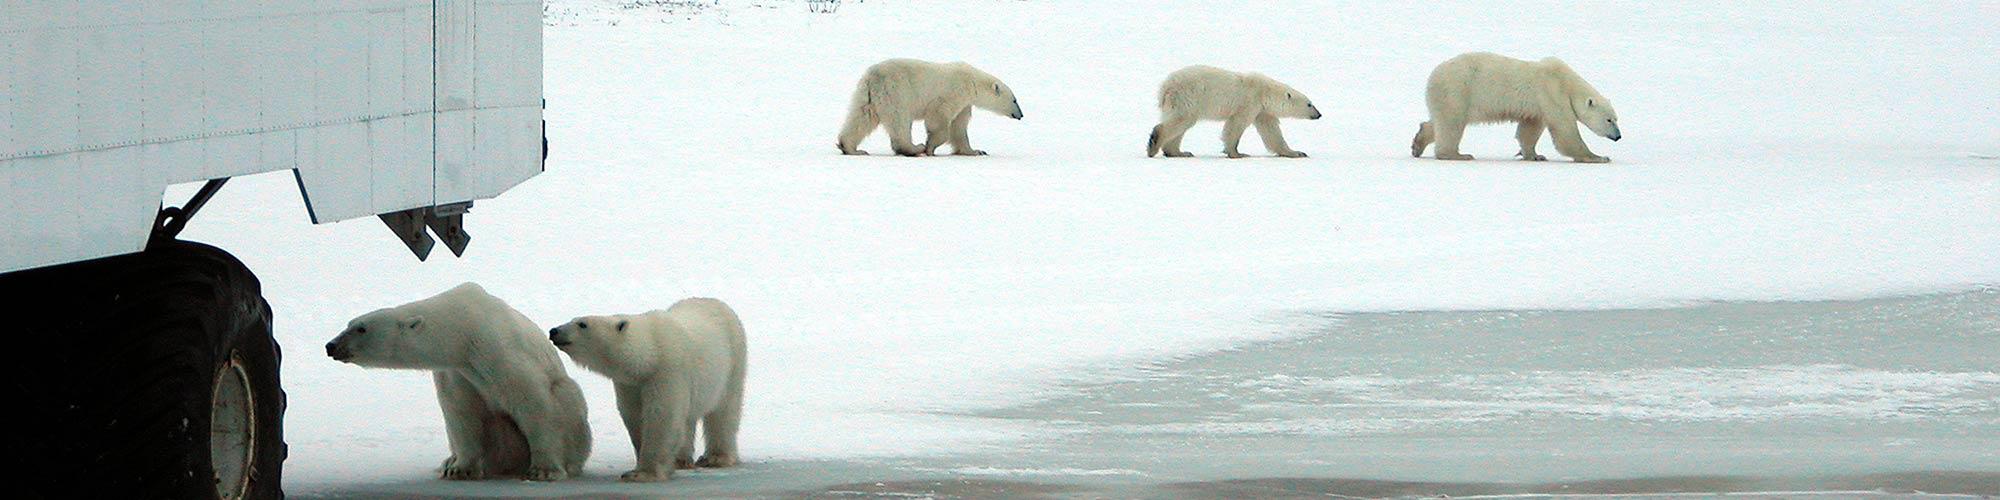 Osos polares. Aventura en la tundra canidiense - El Pais Viajes